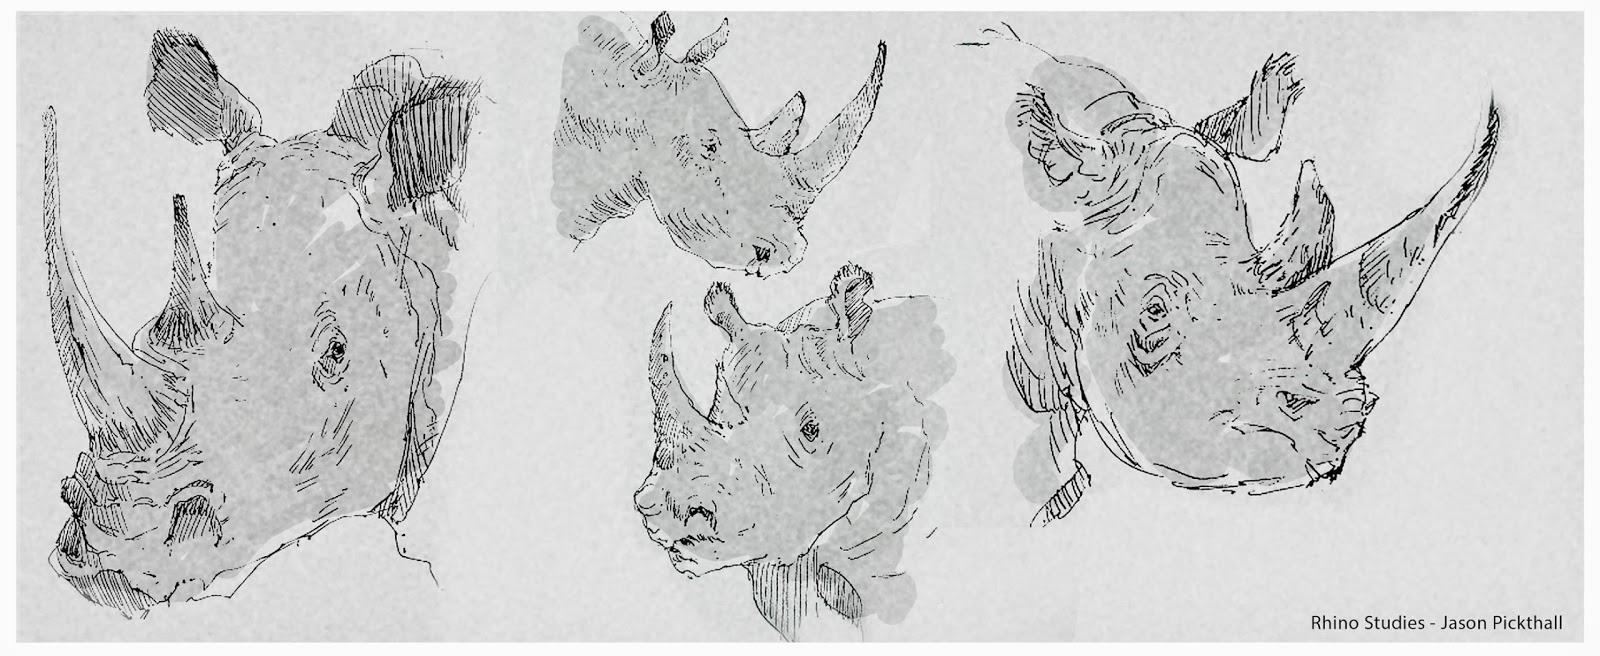 Rhino_Studies